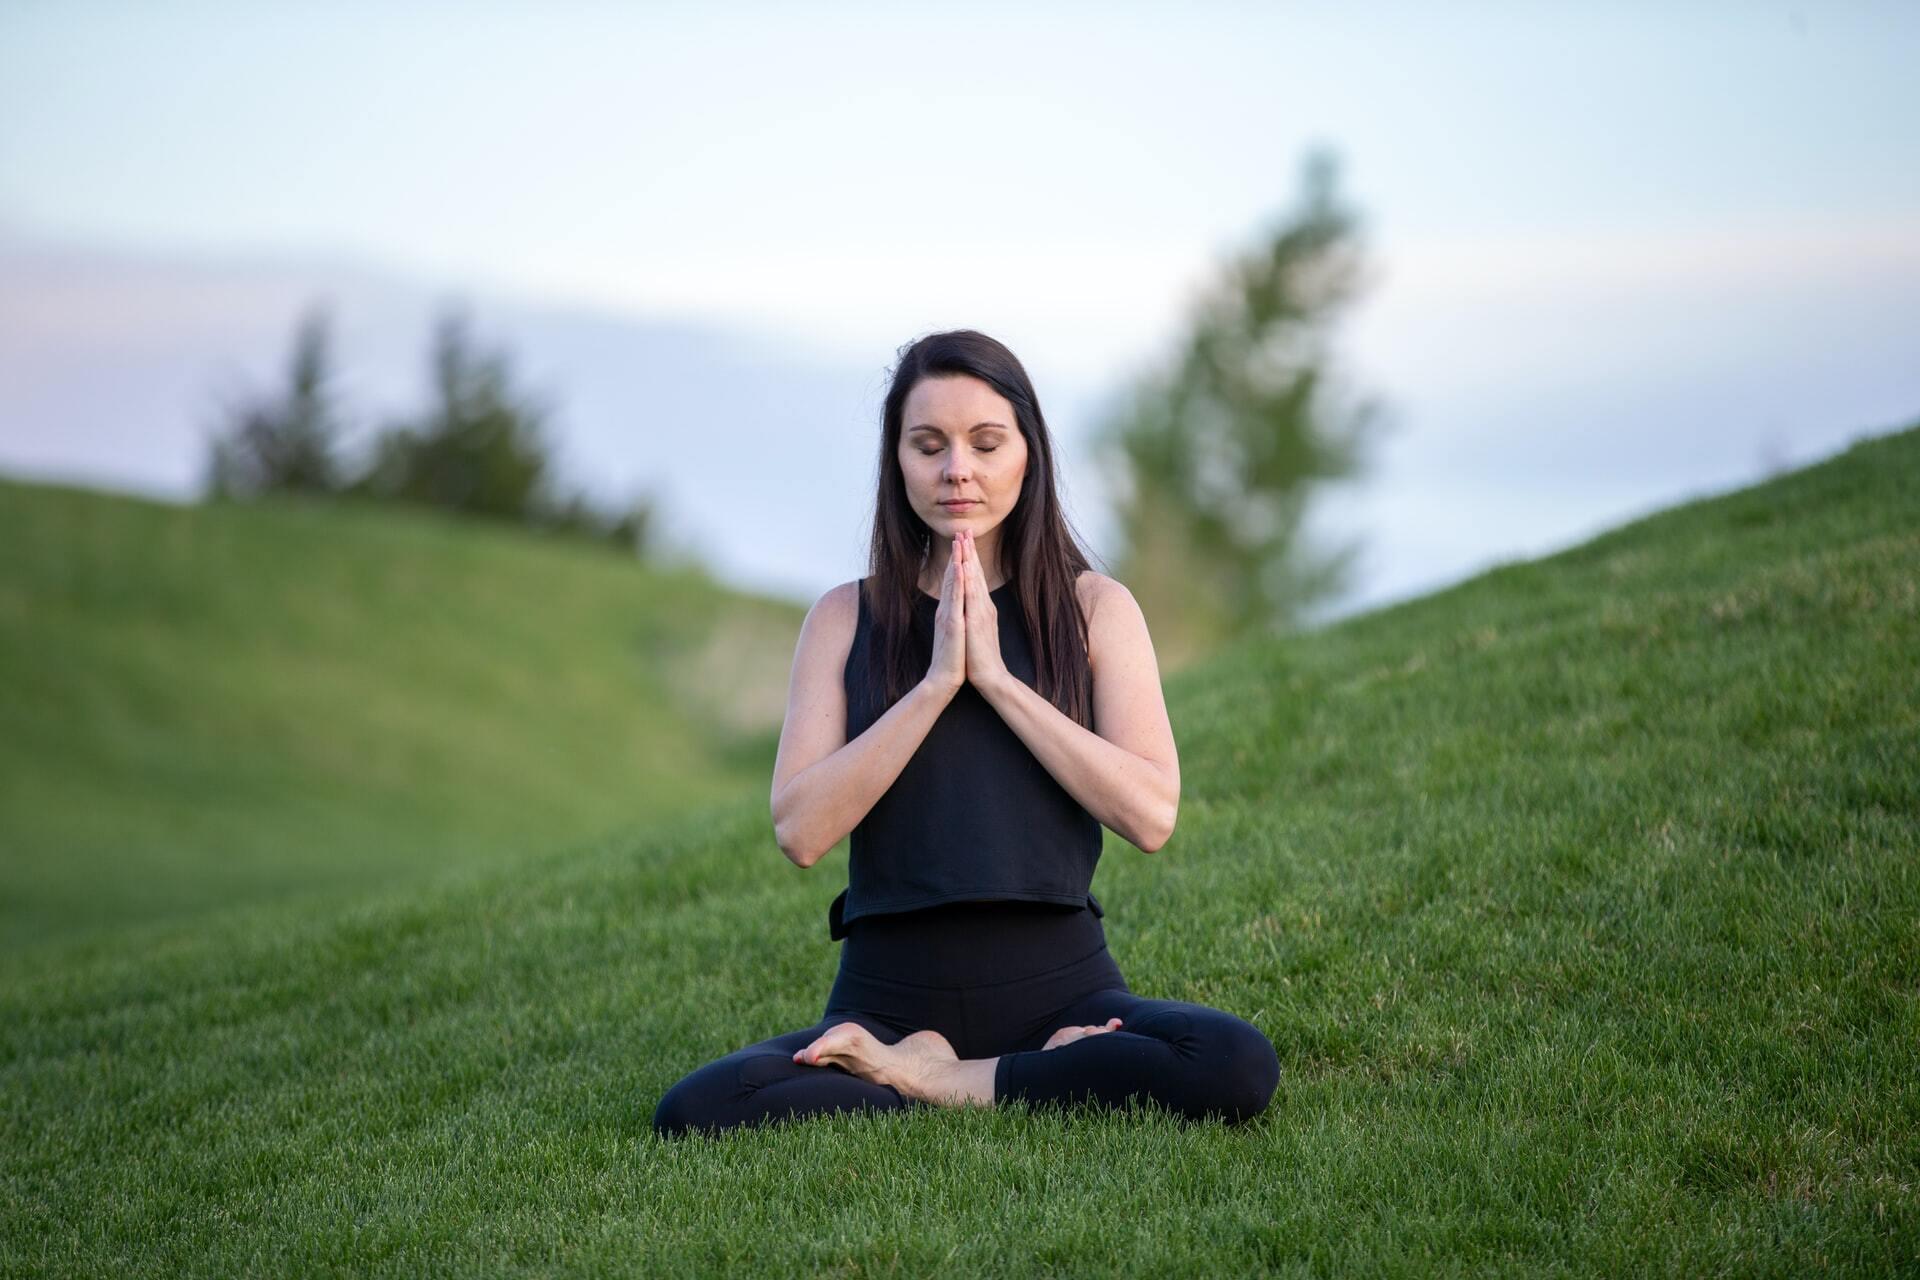 Практика медитації може допомогти знизити рівень кортизолу